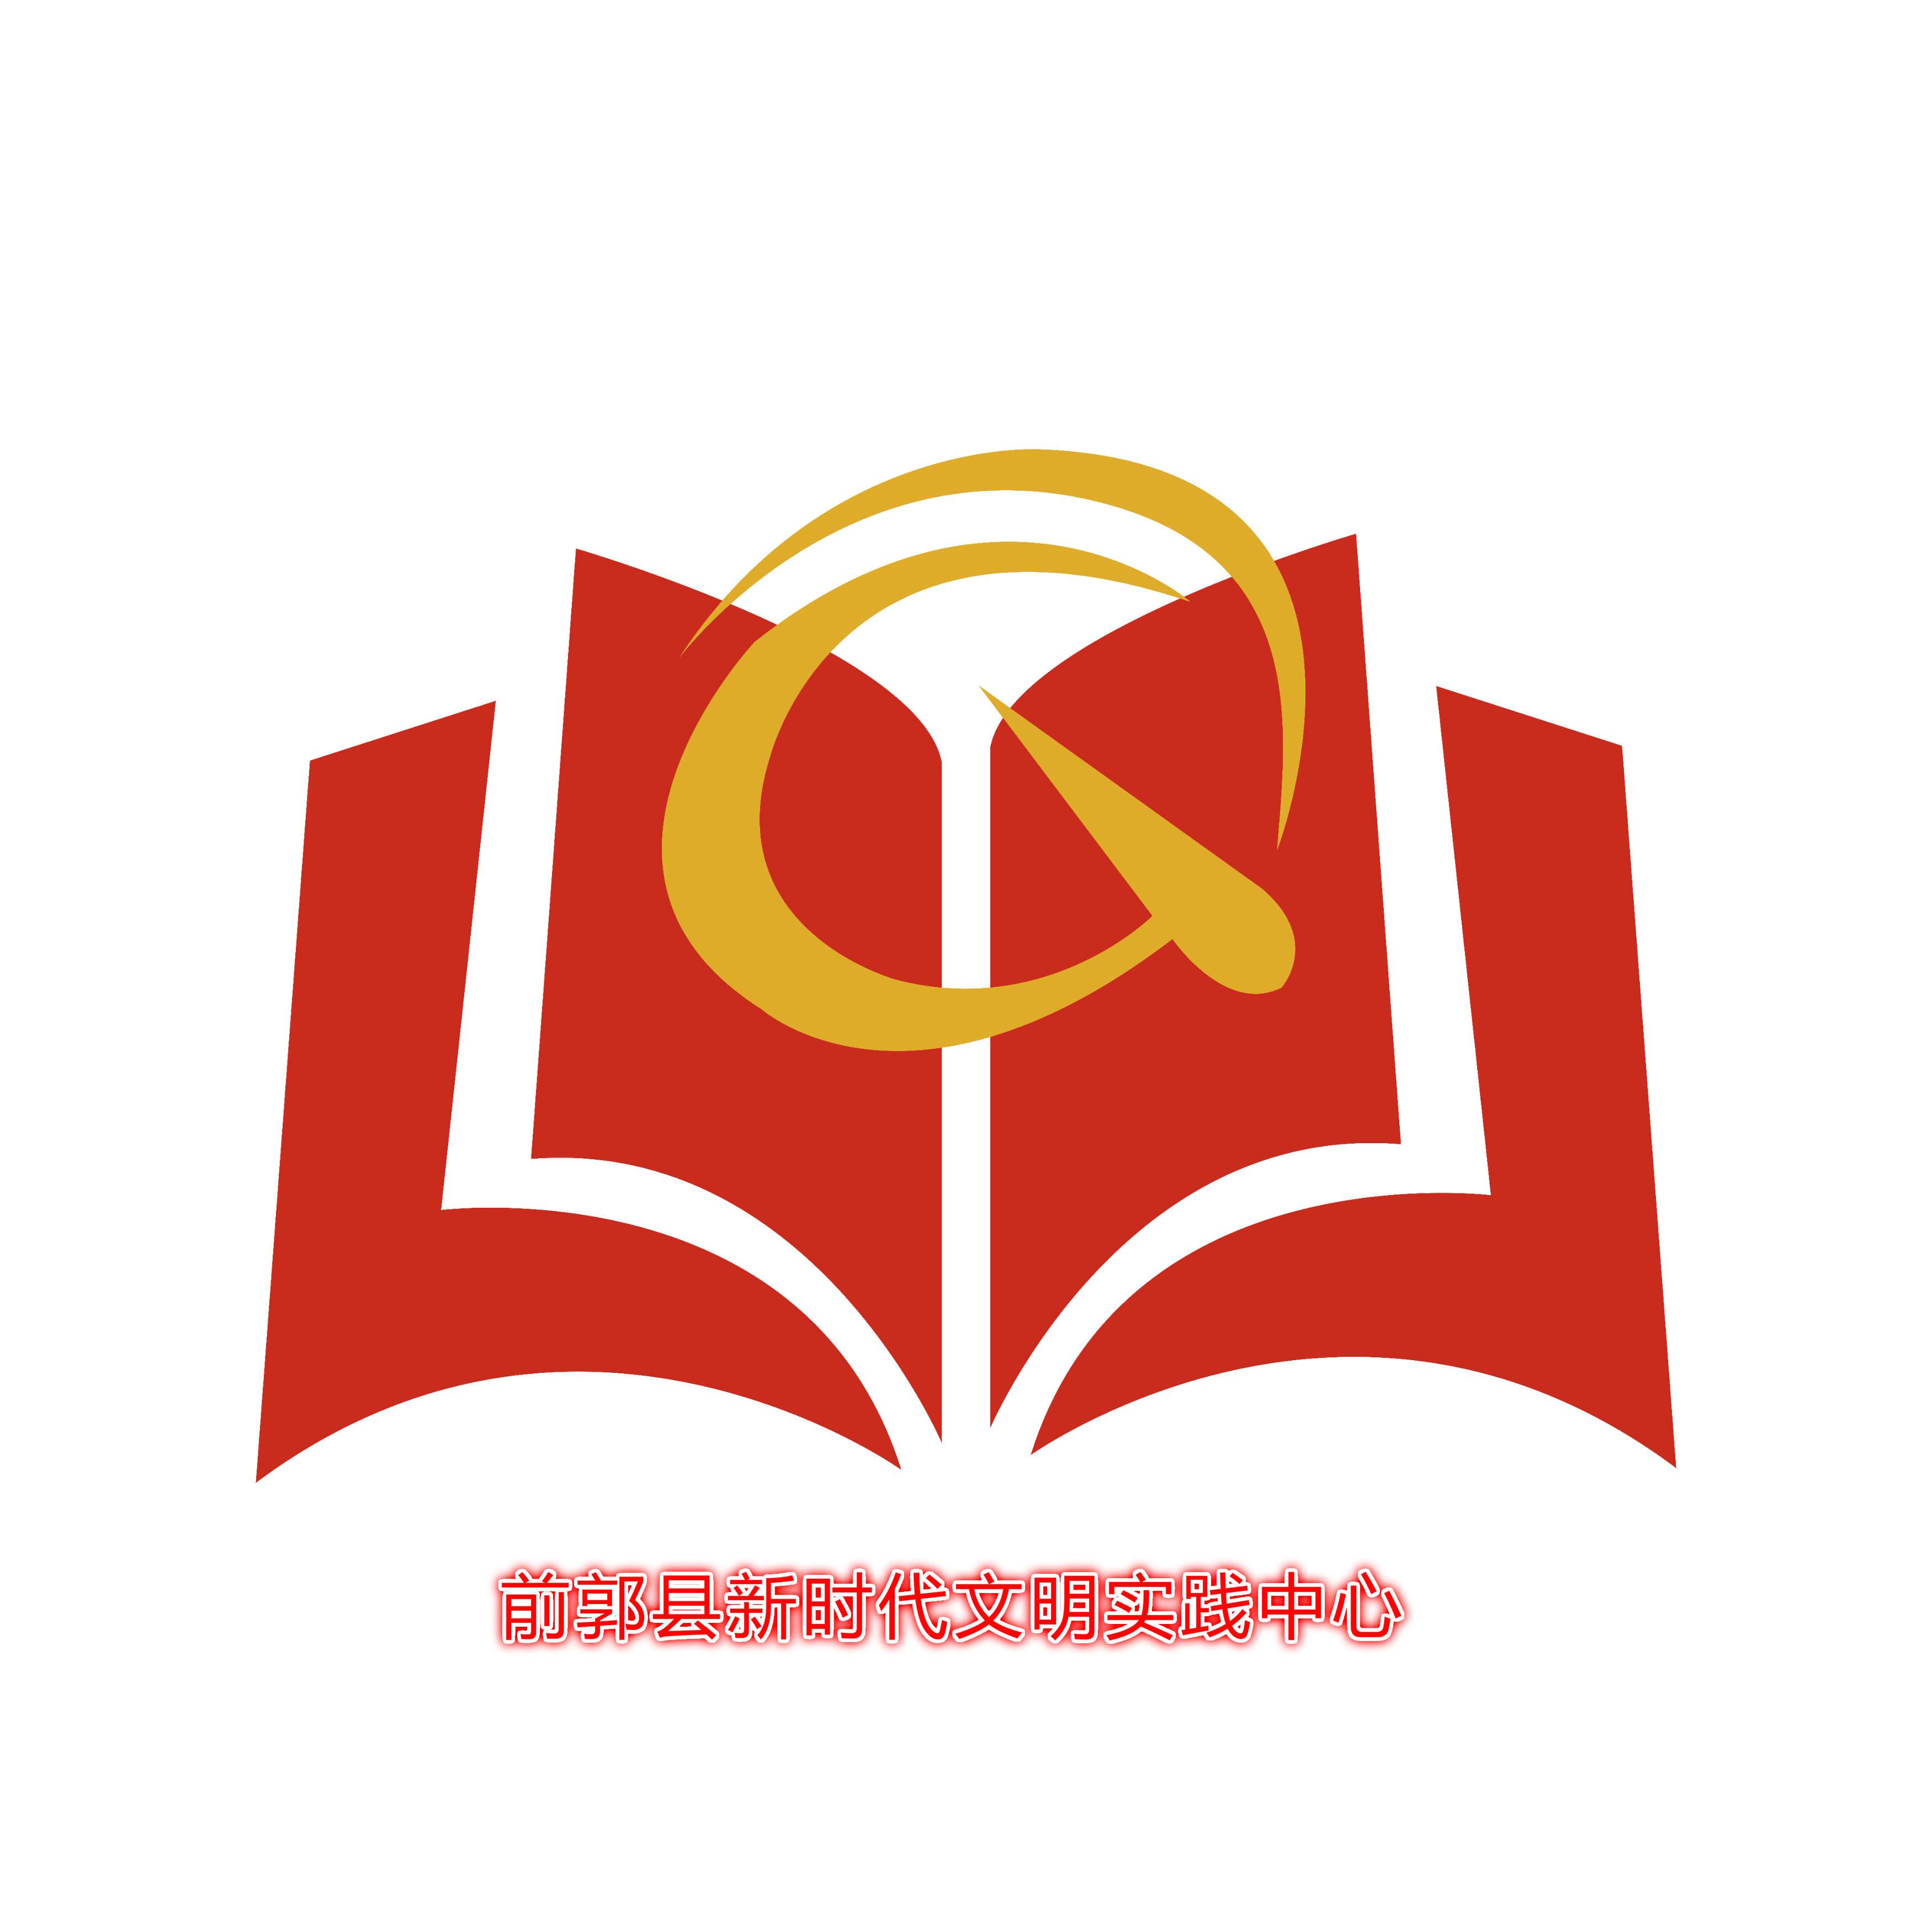 【我为群众办实事】前郭县公安局组织开展未成年人保护法宣传活动